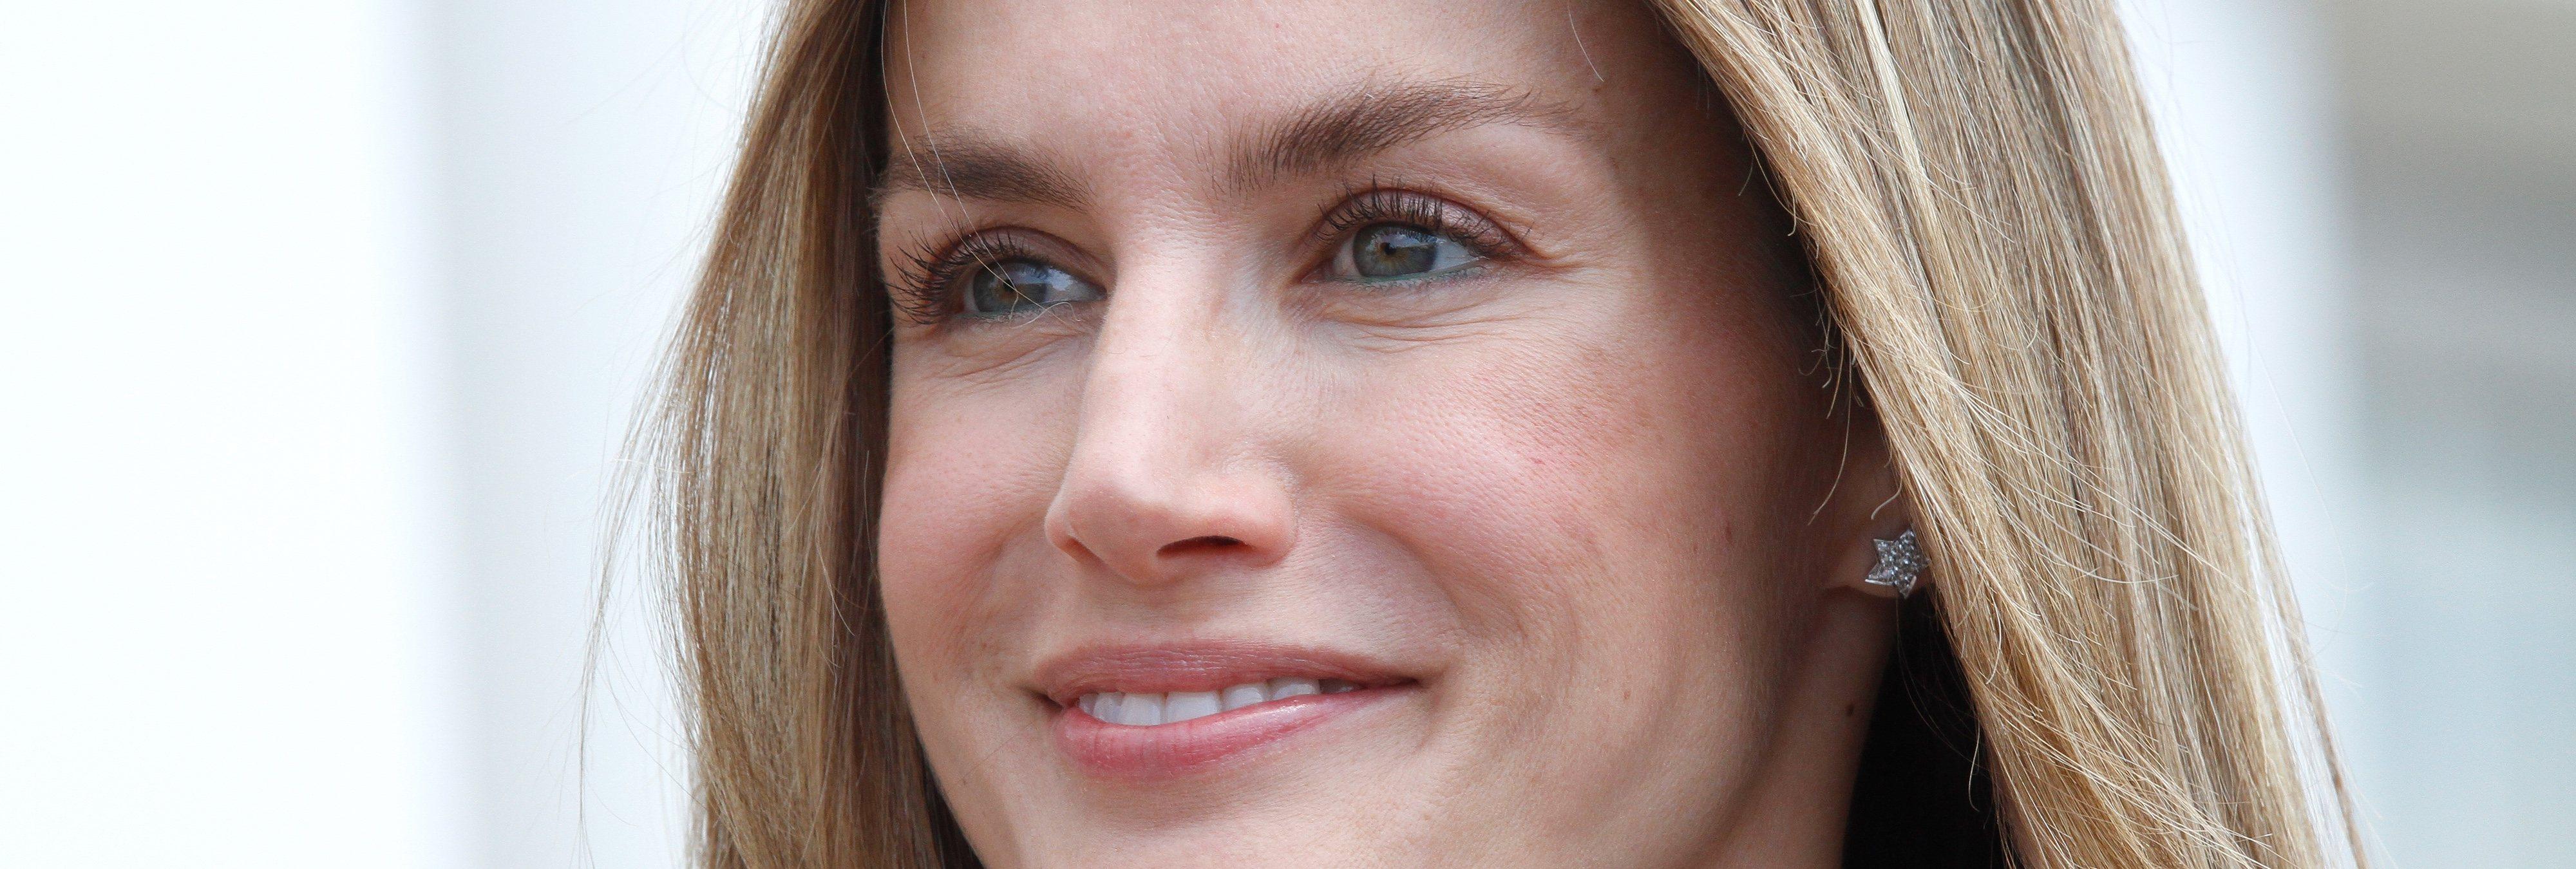 Las operaciones estéticas de la Reina Letizia cuestan 40.000 euros